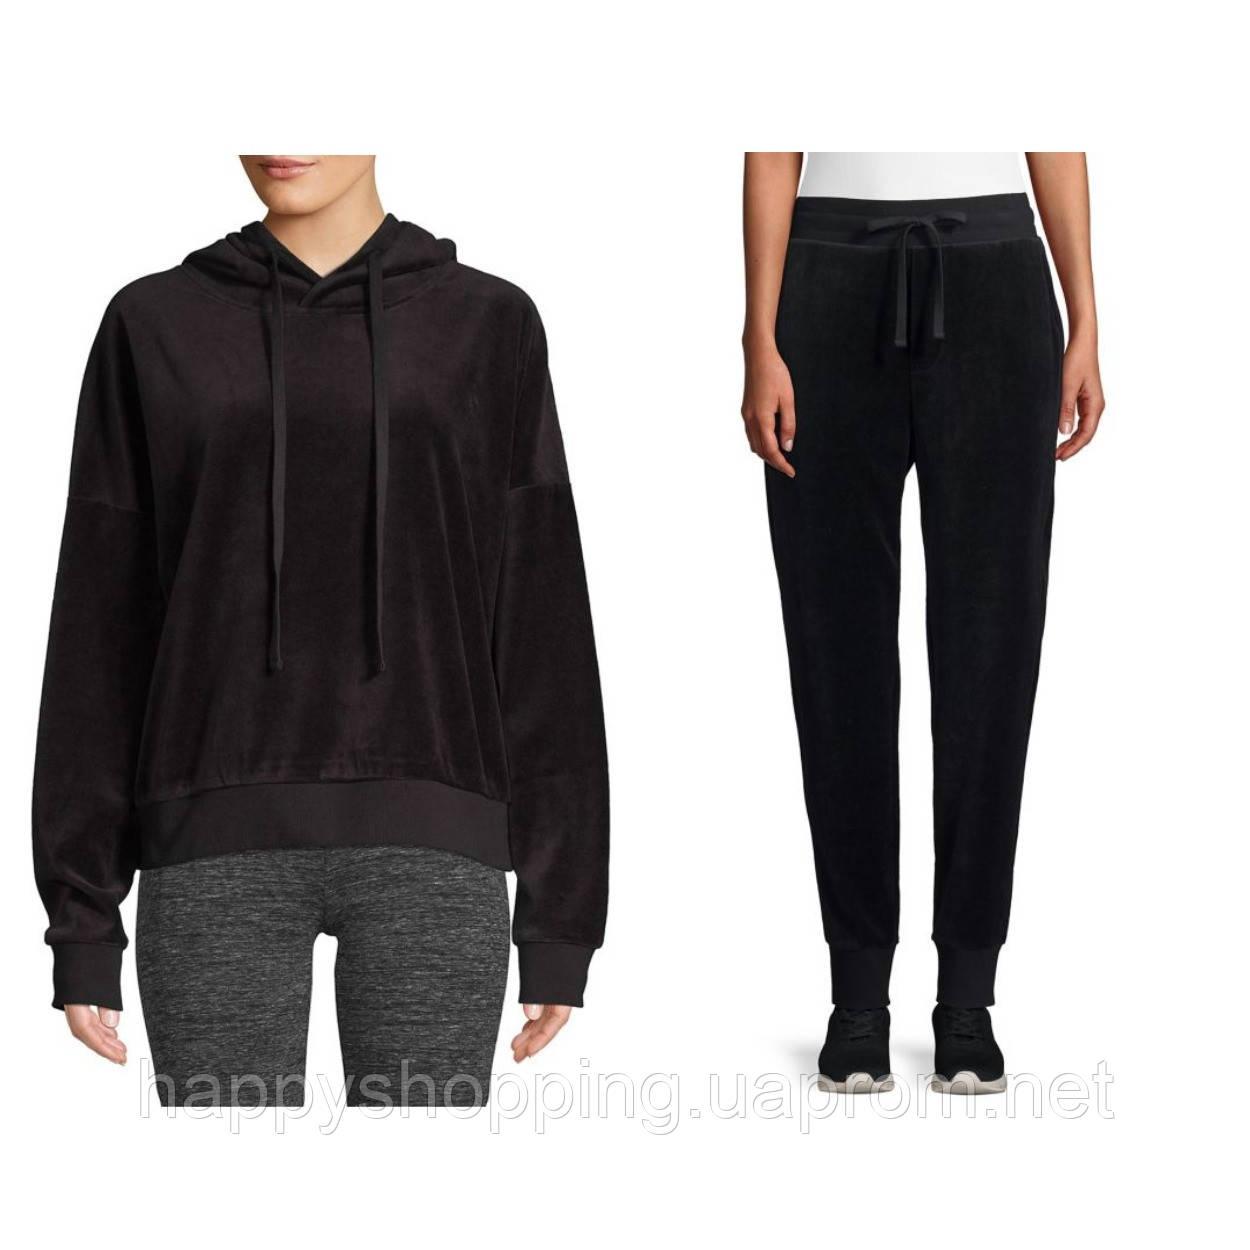 Женский черный велюровый спортивный костюм ASKYA